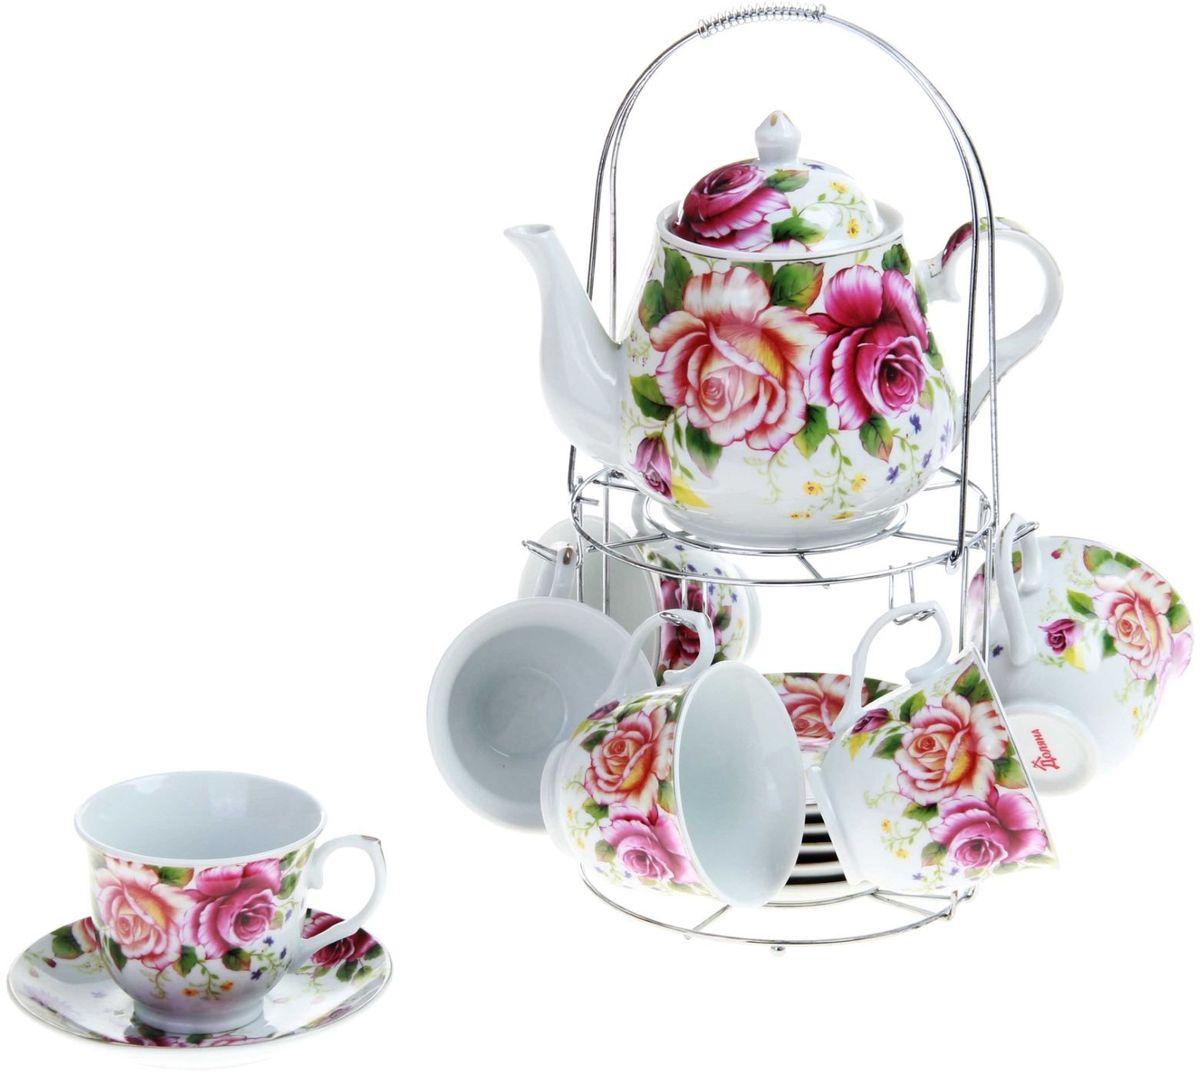 Набор чайный Доляна Томная роза, 14 предметов240597Набор чайный Доляна Томная роза состоит из 6 чашек и 6 блюдец, чайника и металлической подставки. Набор изготовлен из высококачественной керамики и оформлен стильным рисунком. Такой набор подходит для подачи чая. Изящный дизайн придется по вкусу и ценителям классики, и тем, кто предпочитает утонченность и изысканность. Он настроит на позитивный лад и подарит хорошее настроение с самого утра. Чайный набор Доляна - идеальный и необходимый подарок для вашего дома и для ваших друзей в праздники.